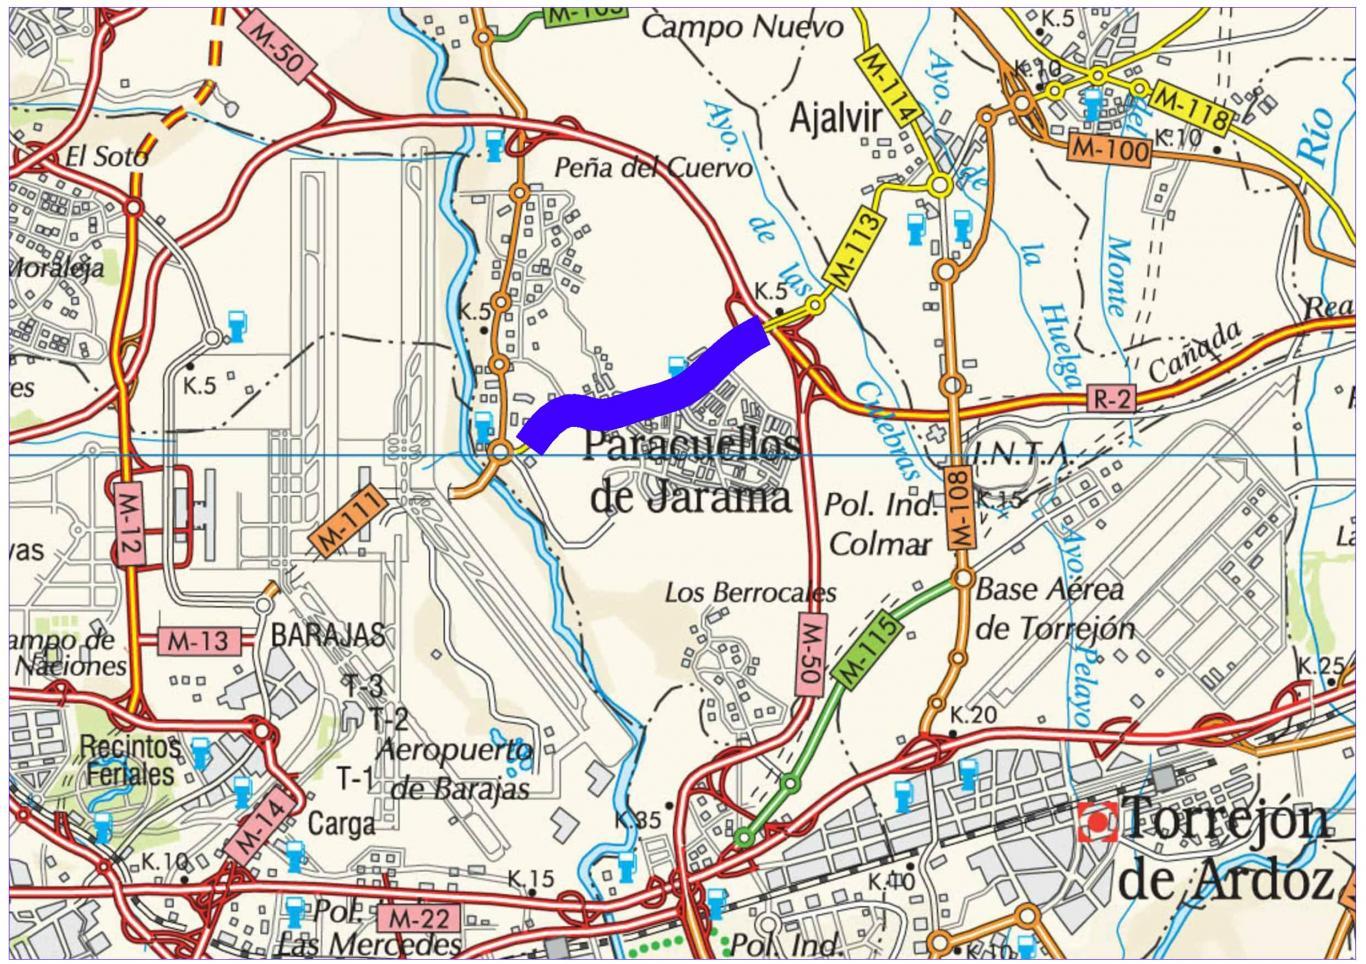 Mapa de situación de la obra M-113 pk 3,969-5,160